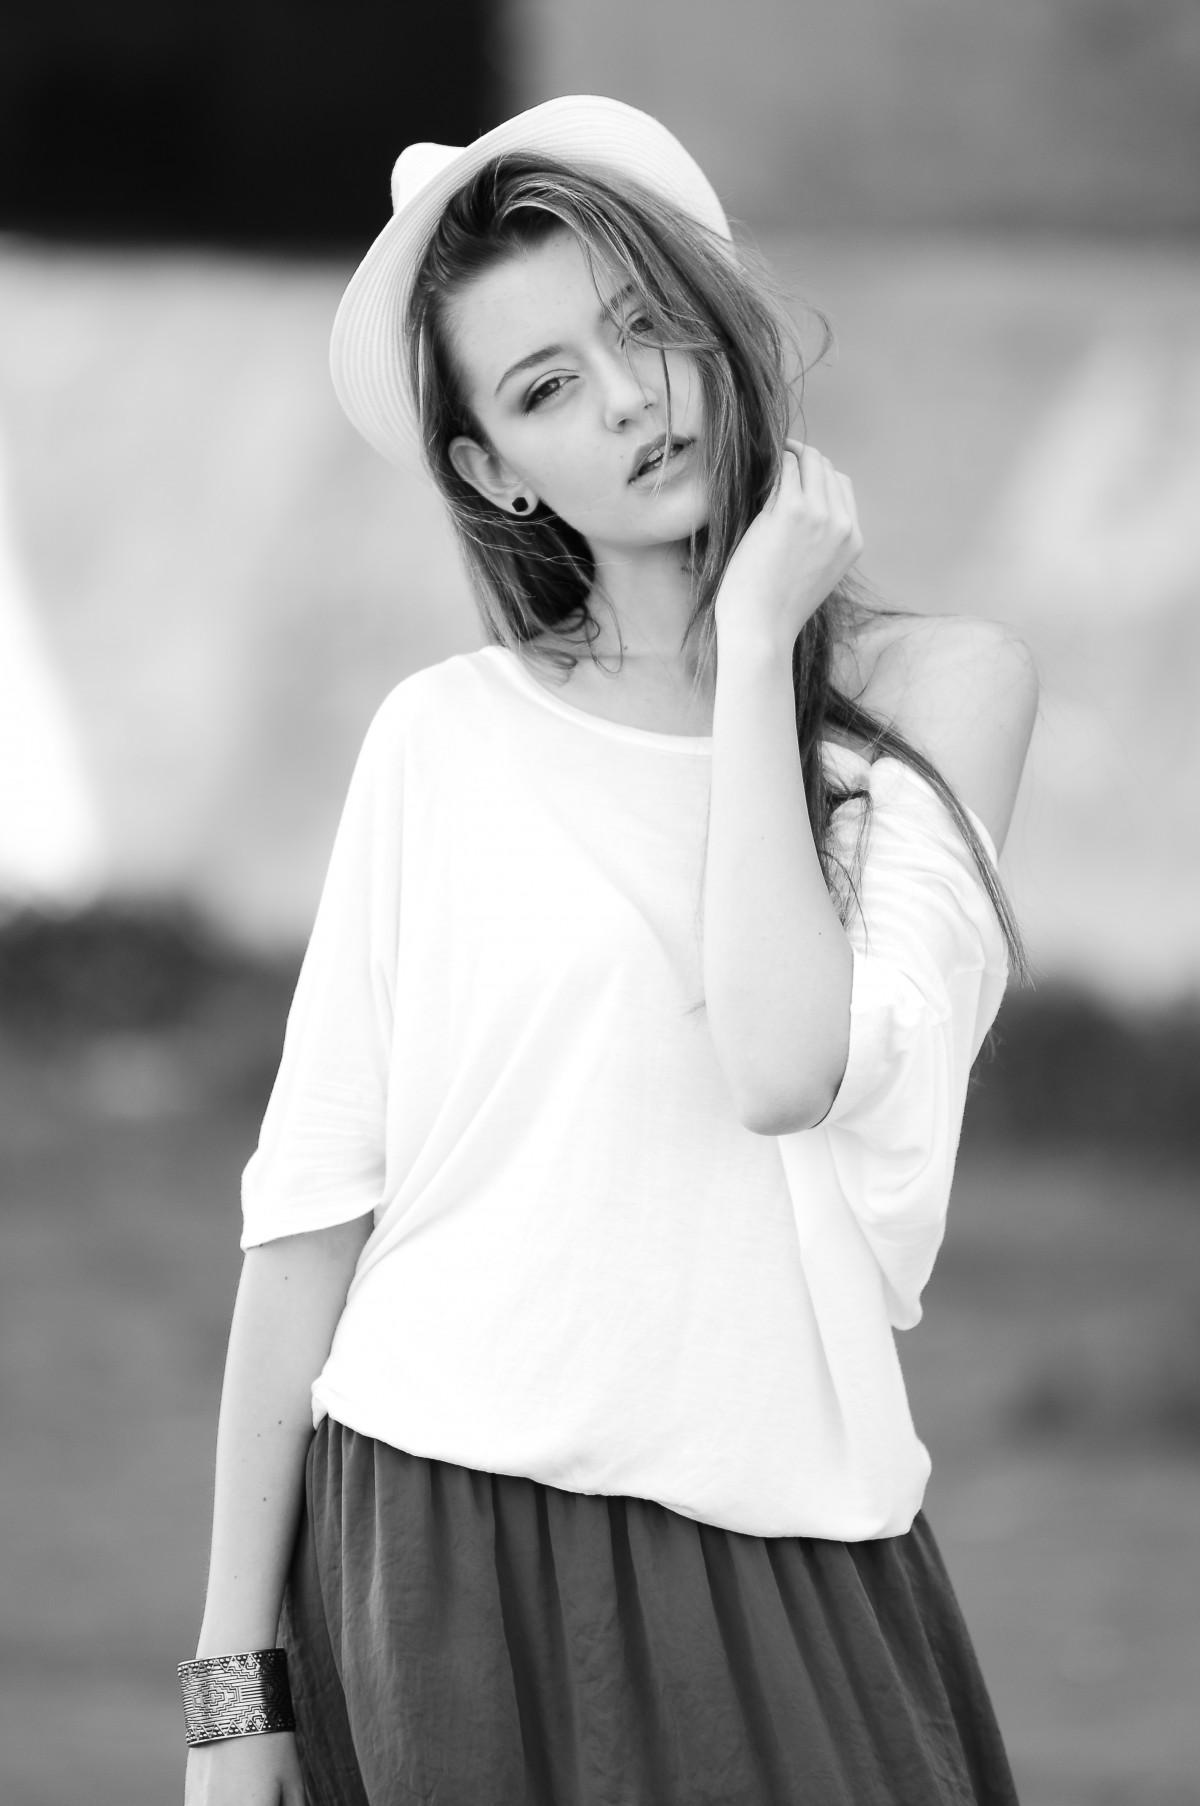 Eccezionale Immagini Belle : bianco e nero, ragazza, donna, bianca, ritratto  YK28